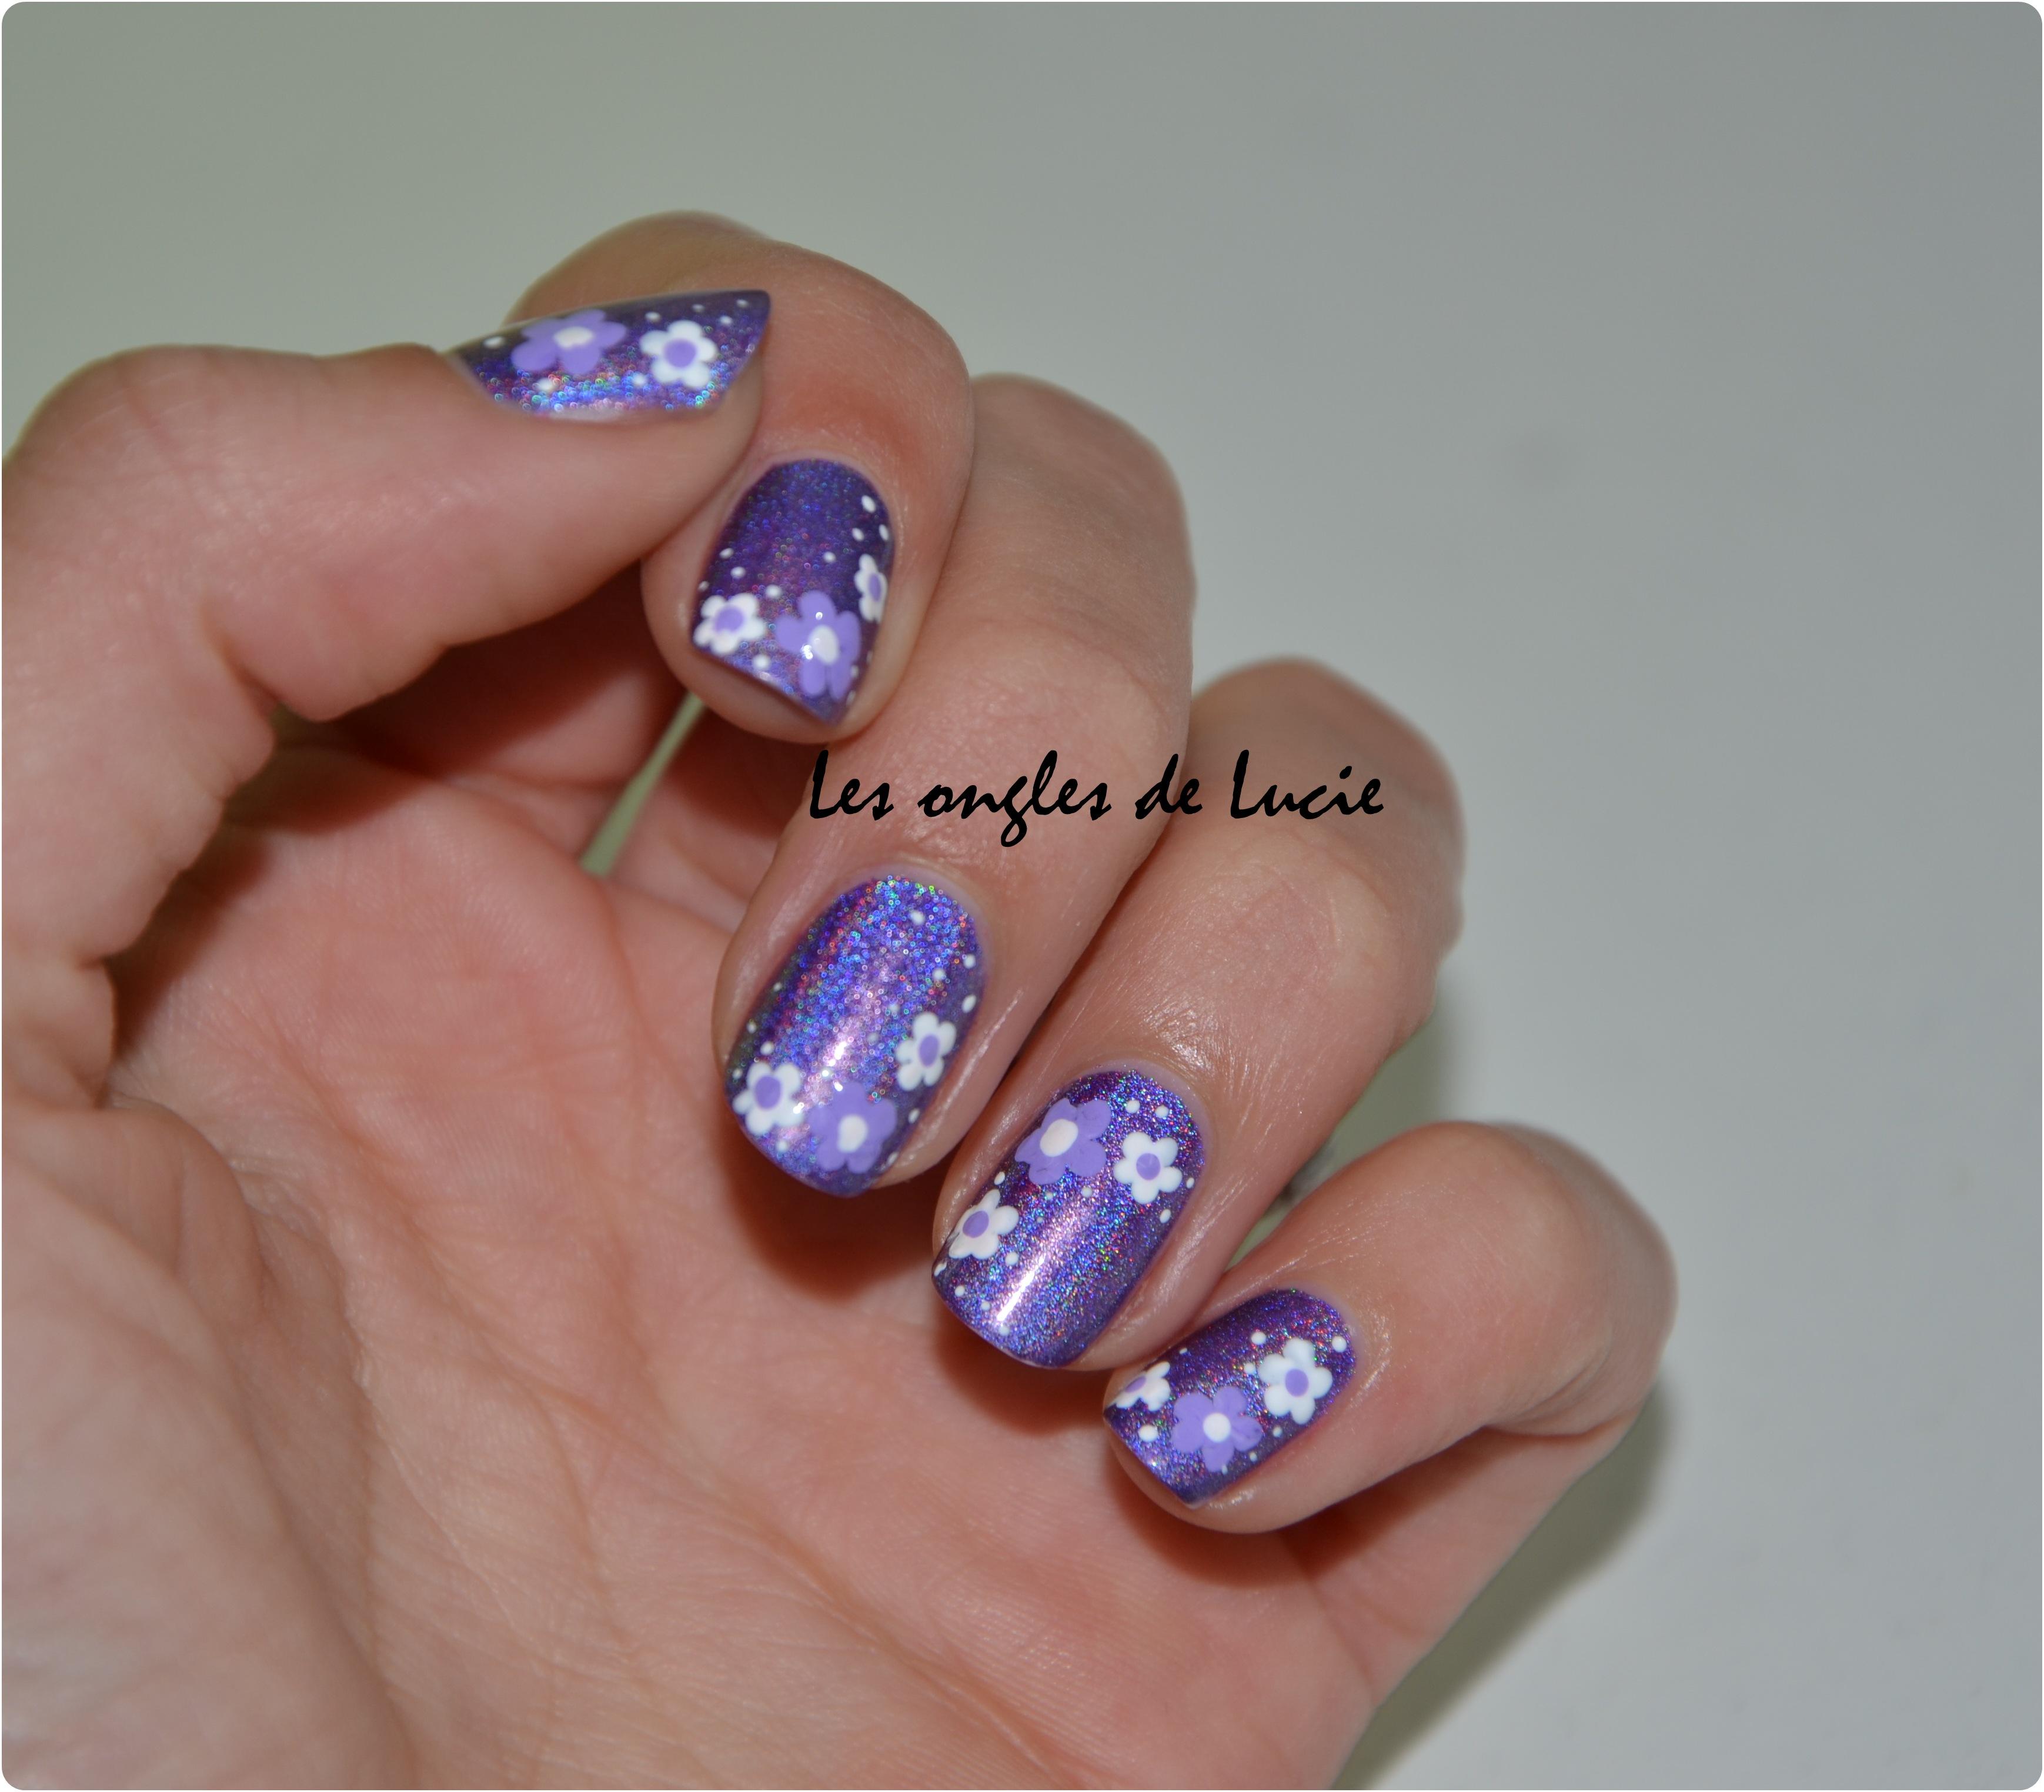 Nail Art Simple Sans Materiel: Les Ongles De Lucie